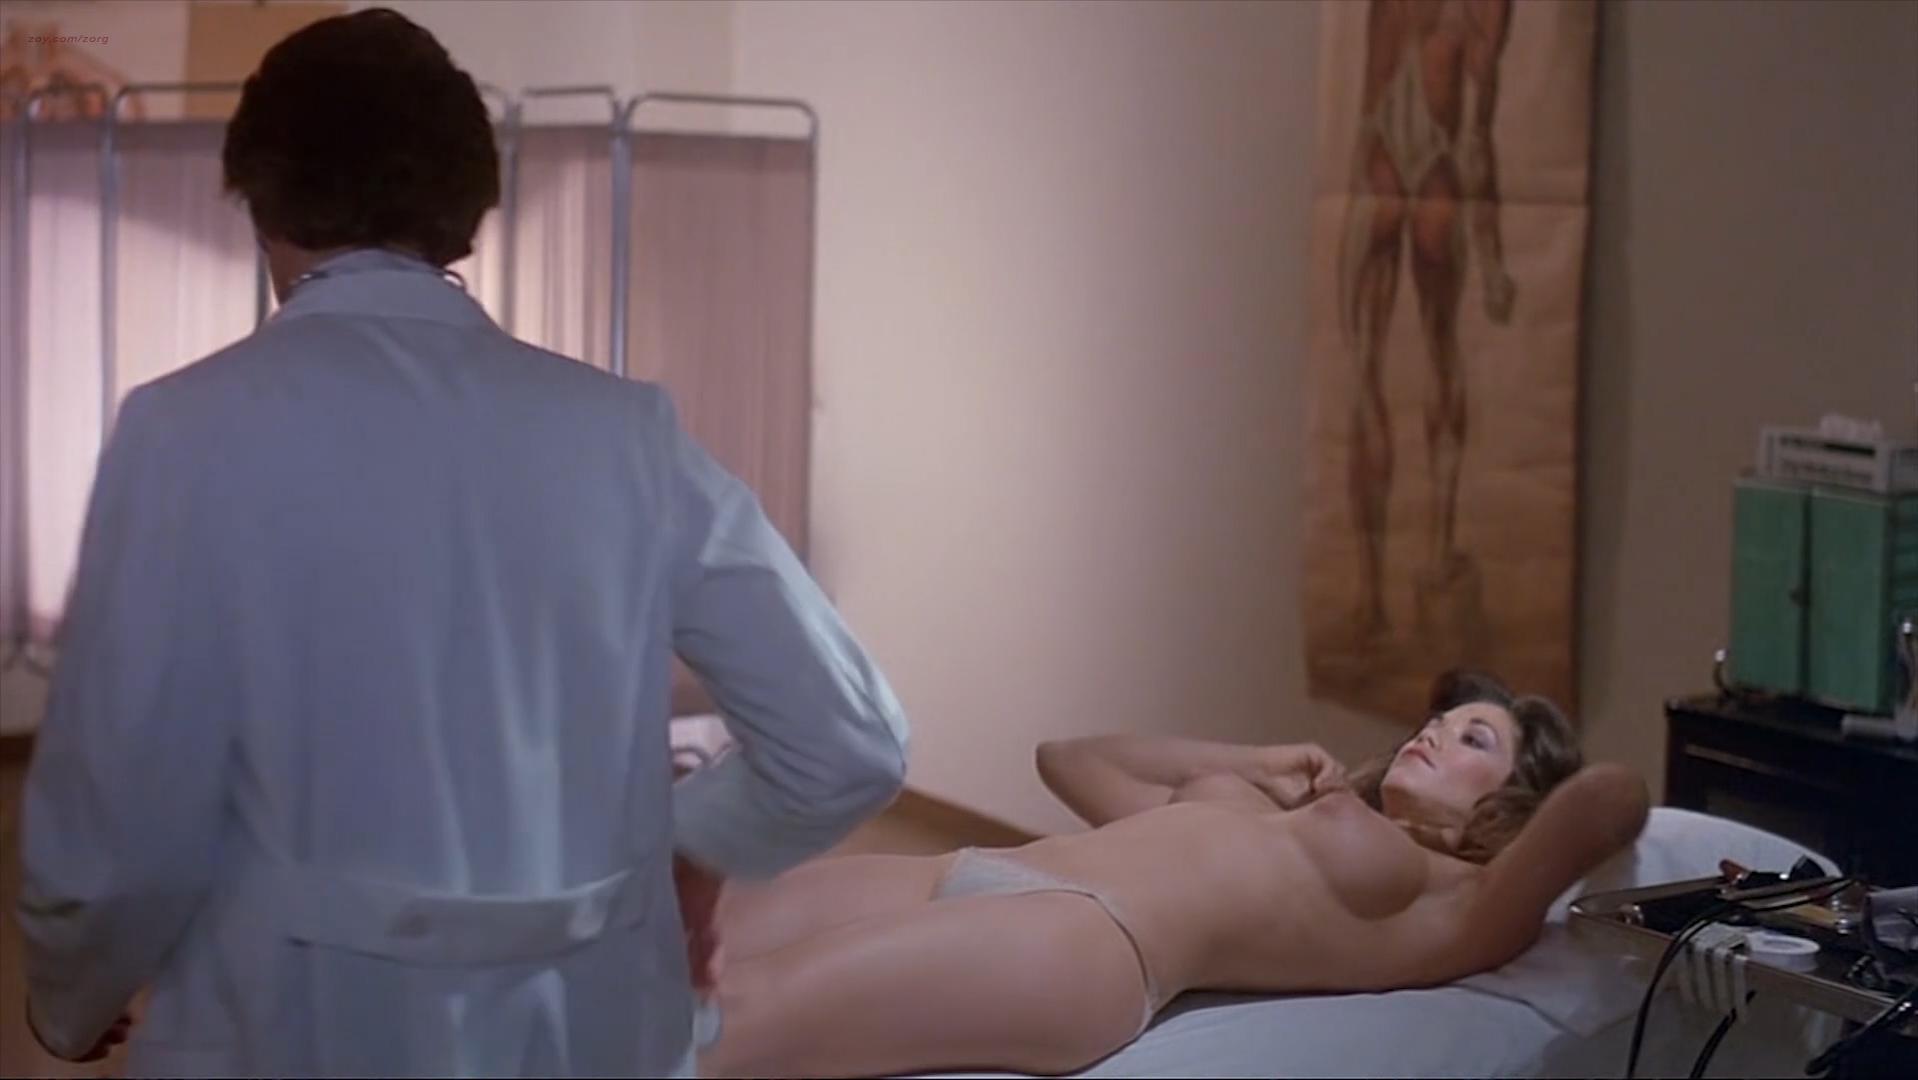 Lindsay kaye nude pics